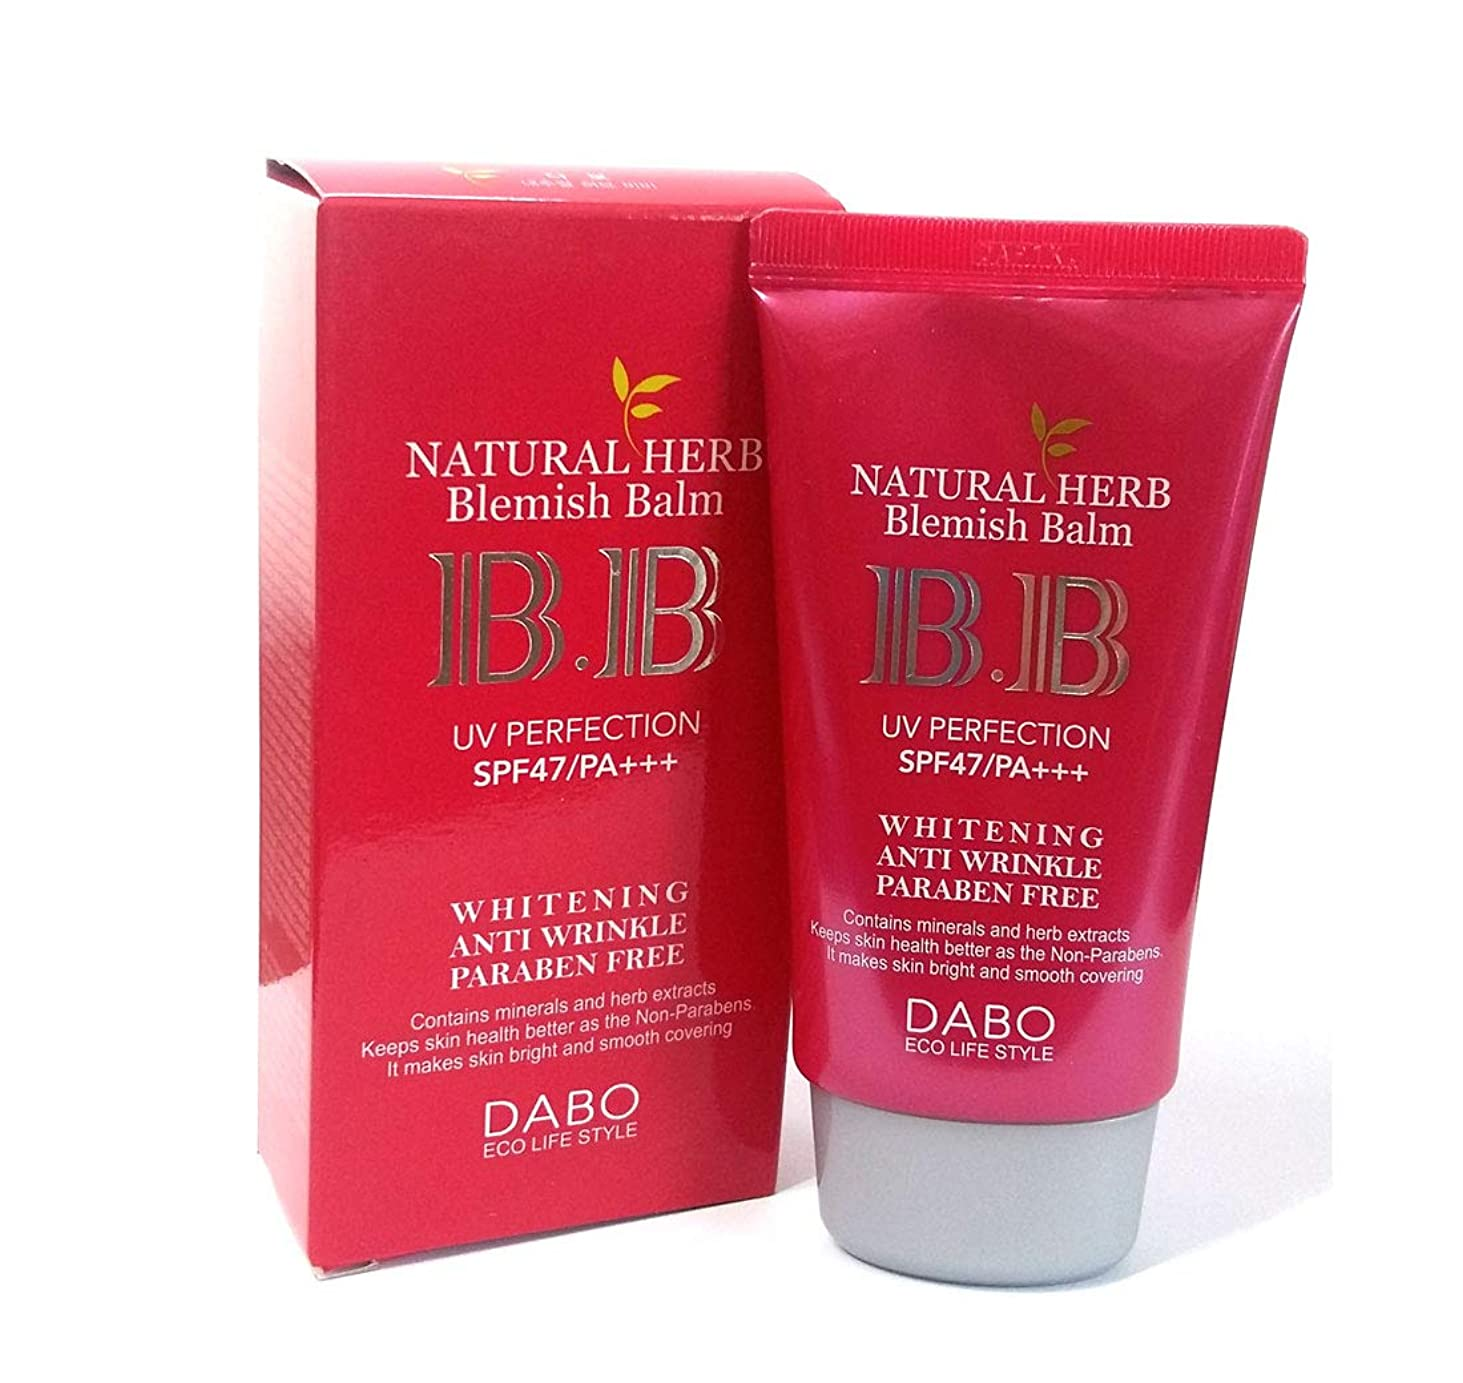 私たち自身安西わずらわしい[DABO] ナチュラルハーブBBクリーム50ml / Natural Herb BB Cream 50ml /SPF47 PA +++ / ホワイトニング、UVプロテクト/韓国化粧品/Whitening, UV Protect/Korean Cosmetics [並行輸入品]